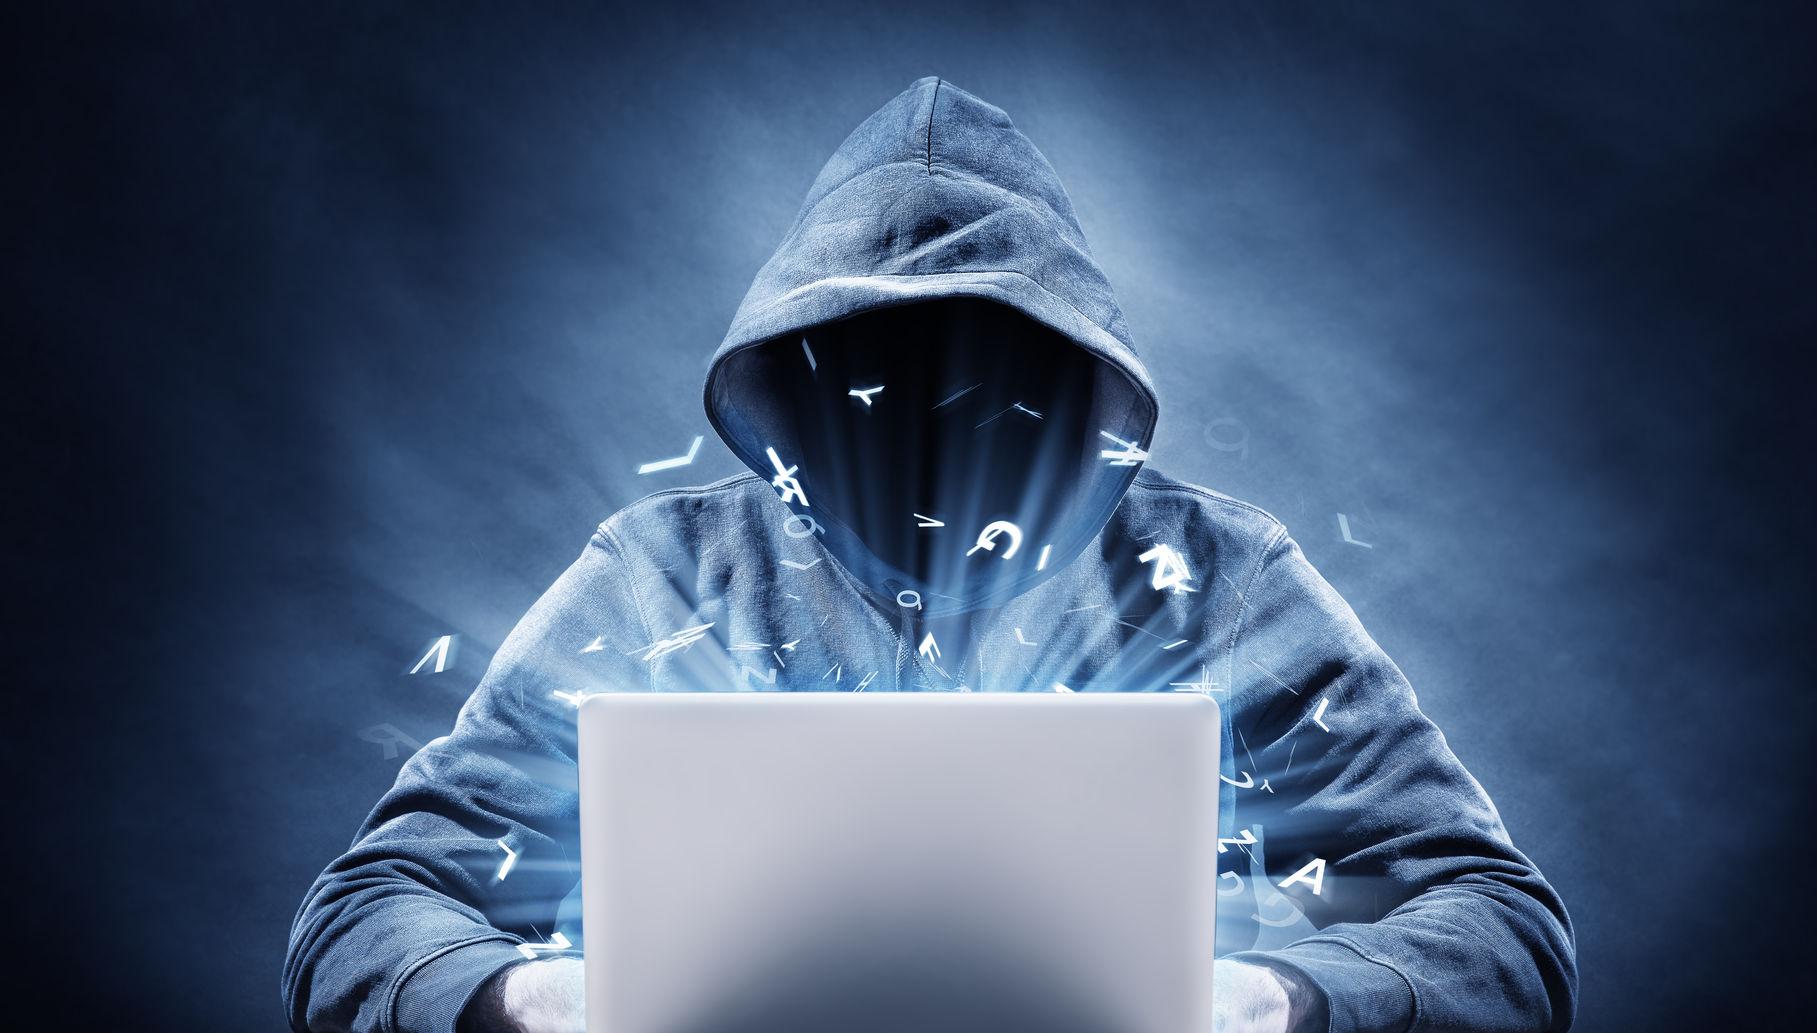 Ciberseguridad: ¿Qué lecciones podemos extraer tras un ciberataque?